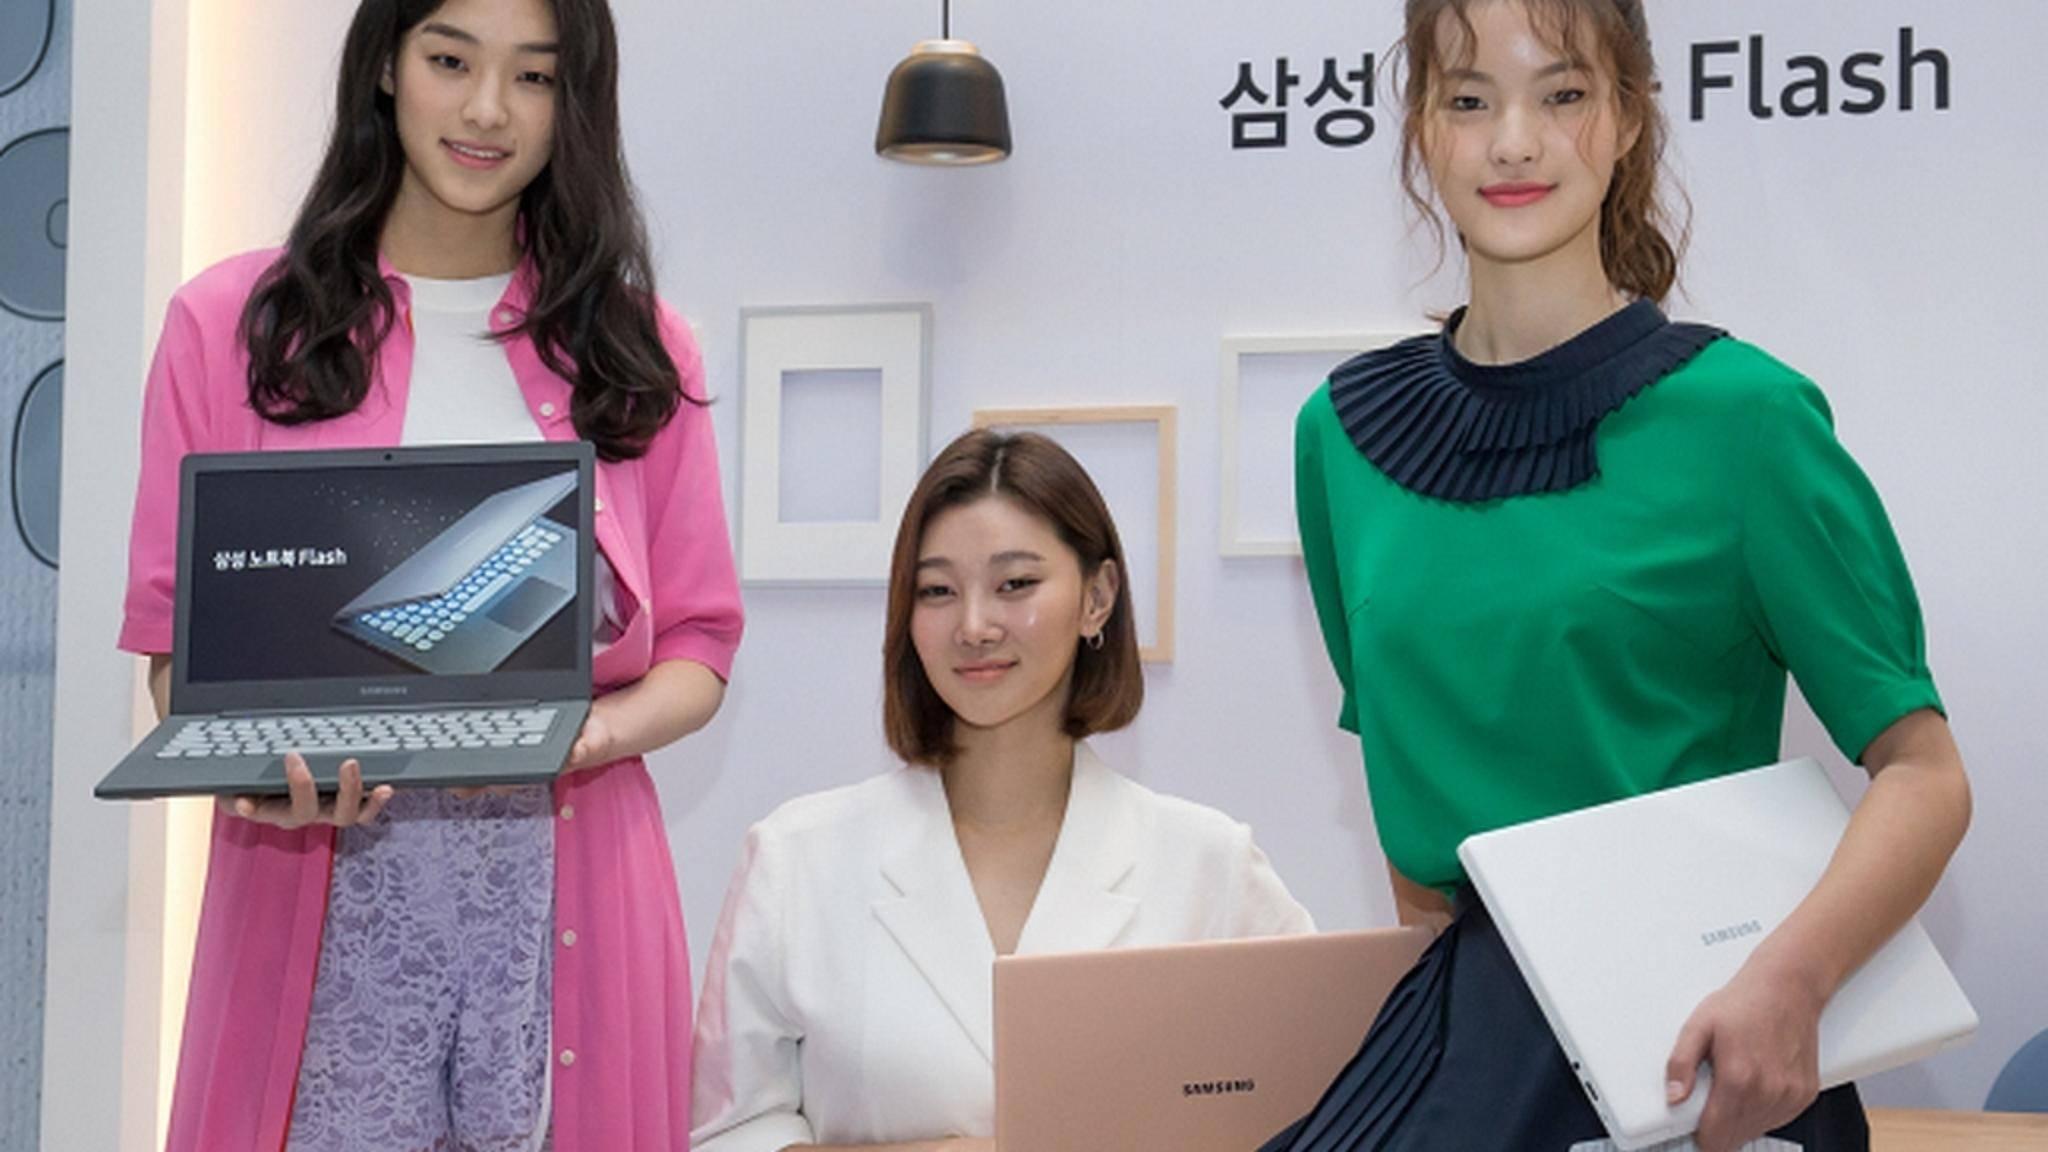 Samsung will in Zukunft auch faltbare Laptop-Displays bauen.